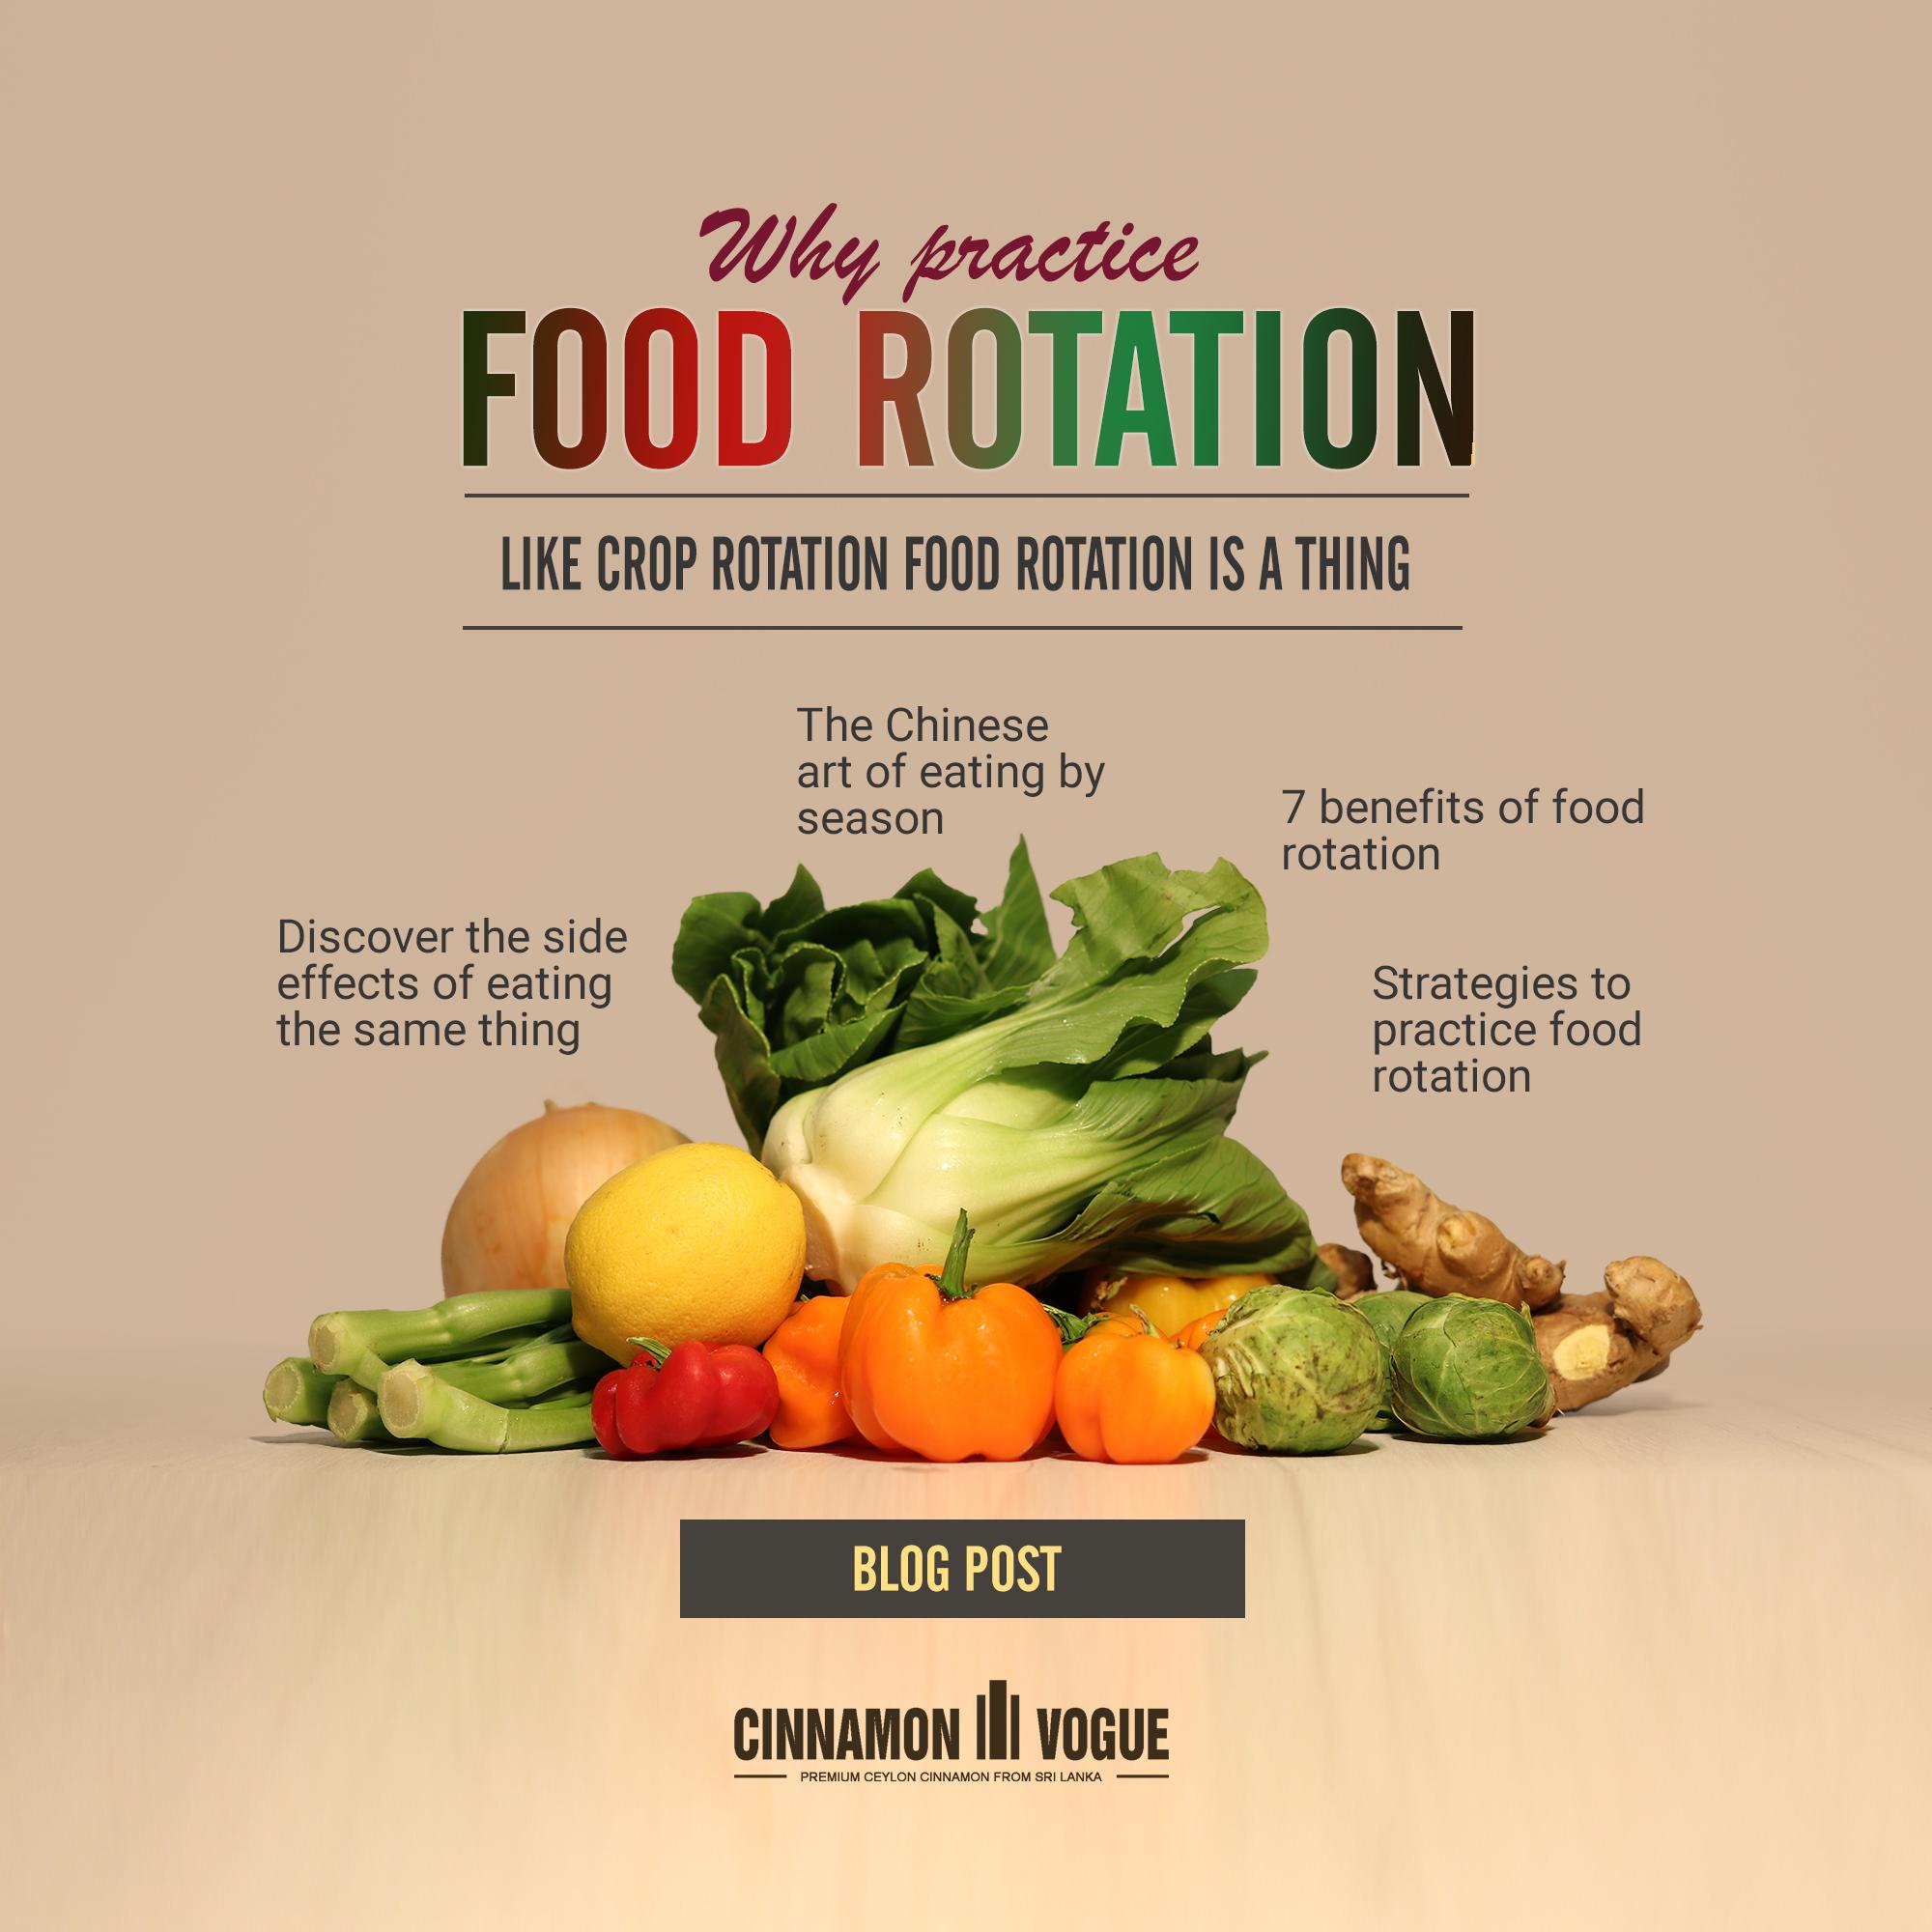 Food rotation